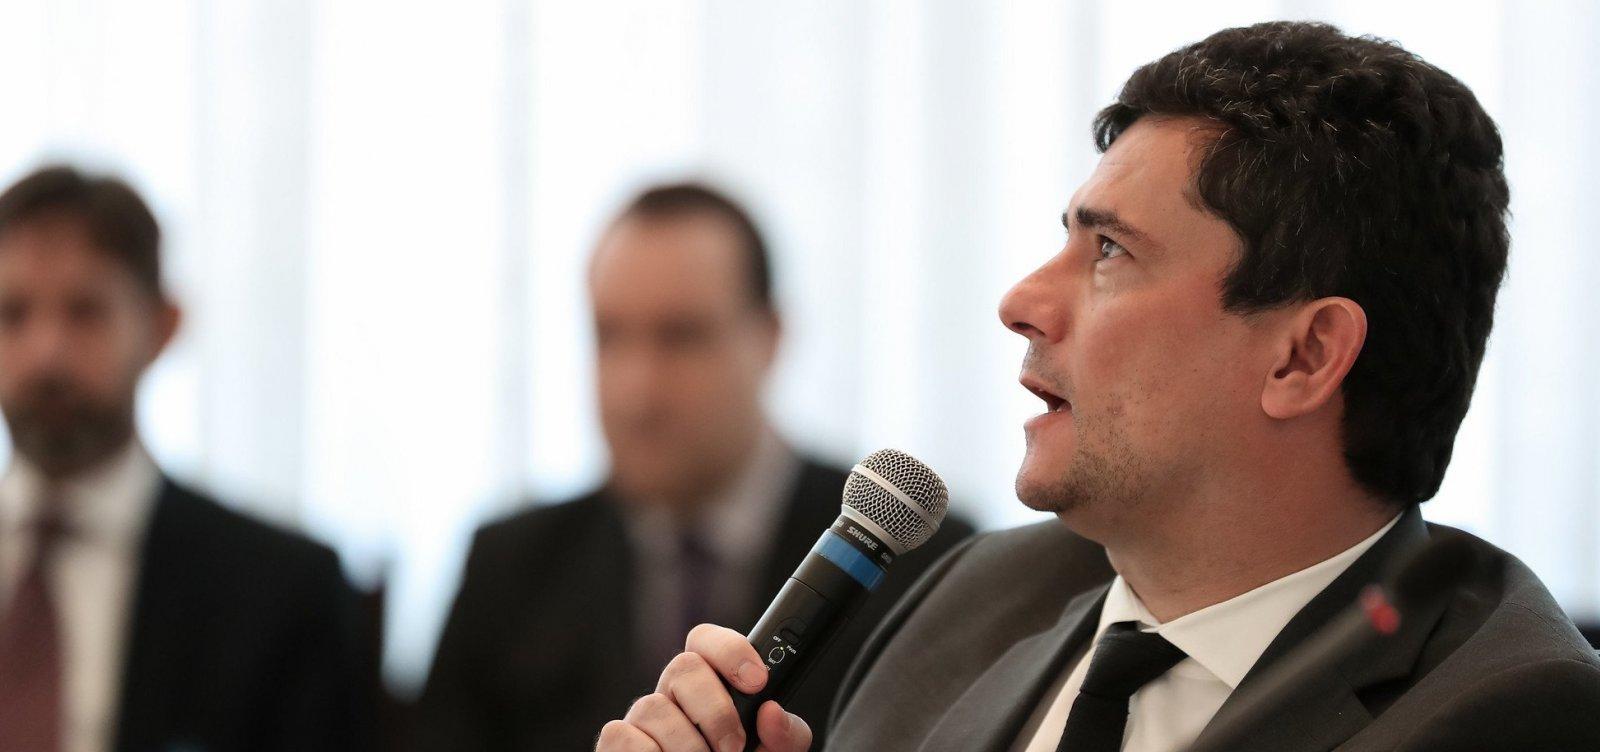 Moro defende Bolsonaro: 'Copiar áudio do porteiro não é obstrução'